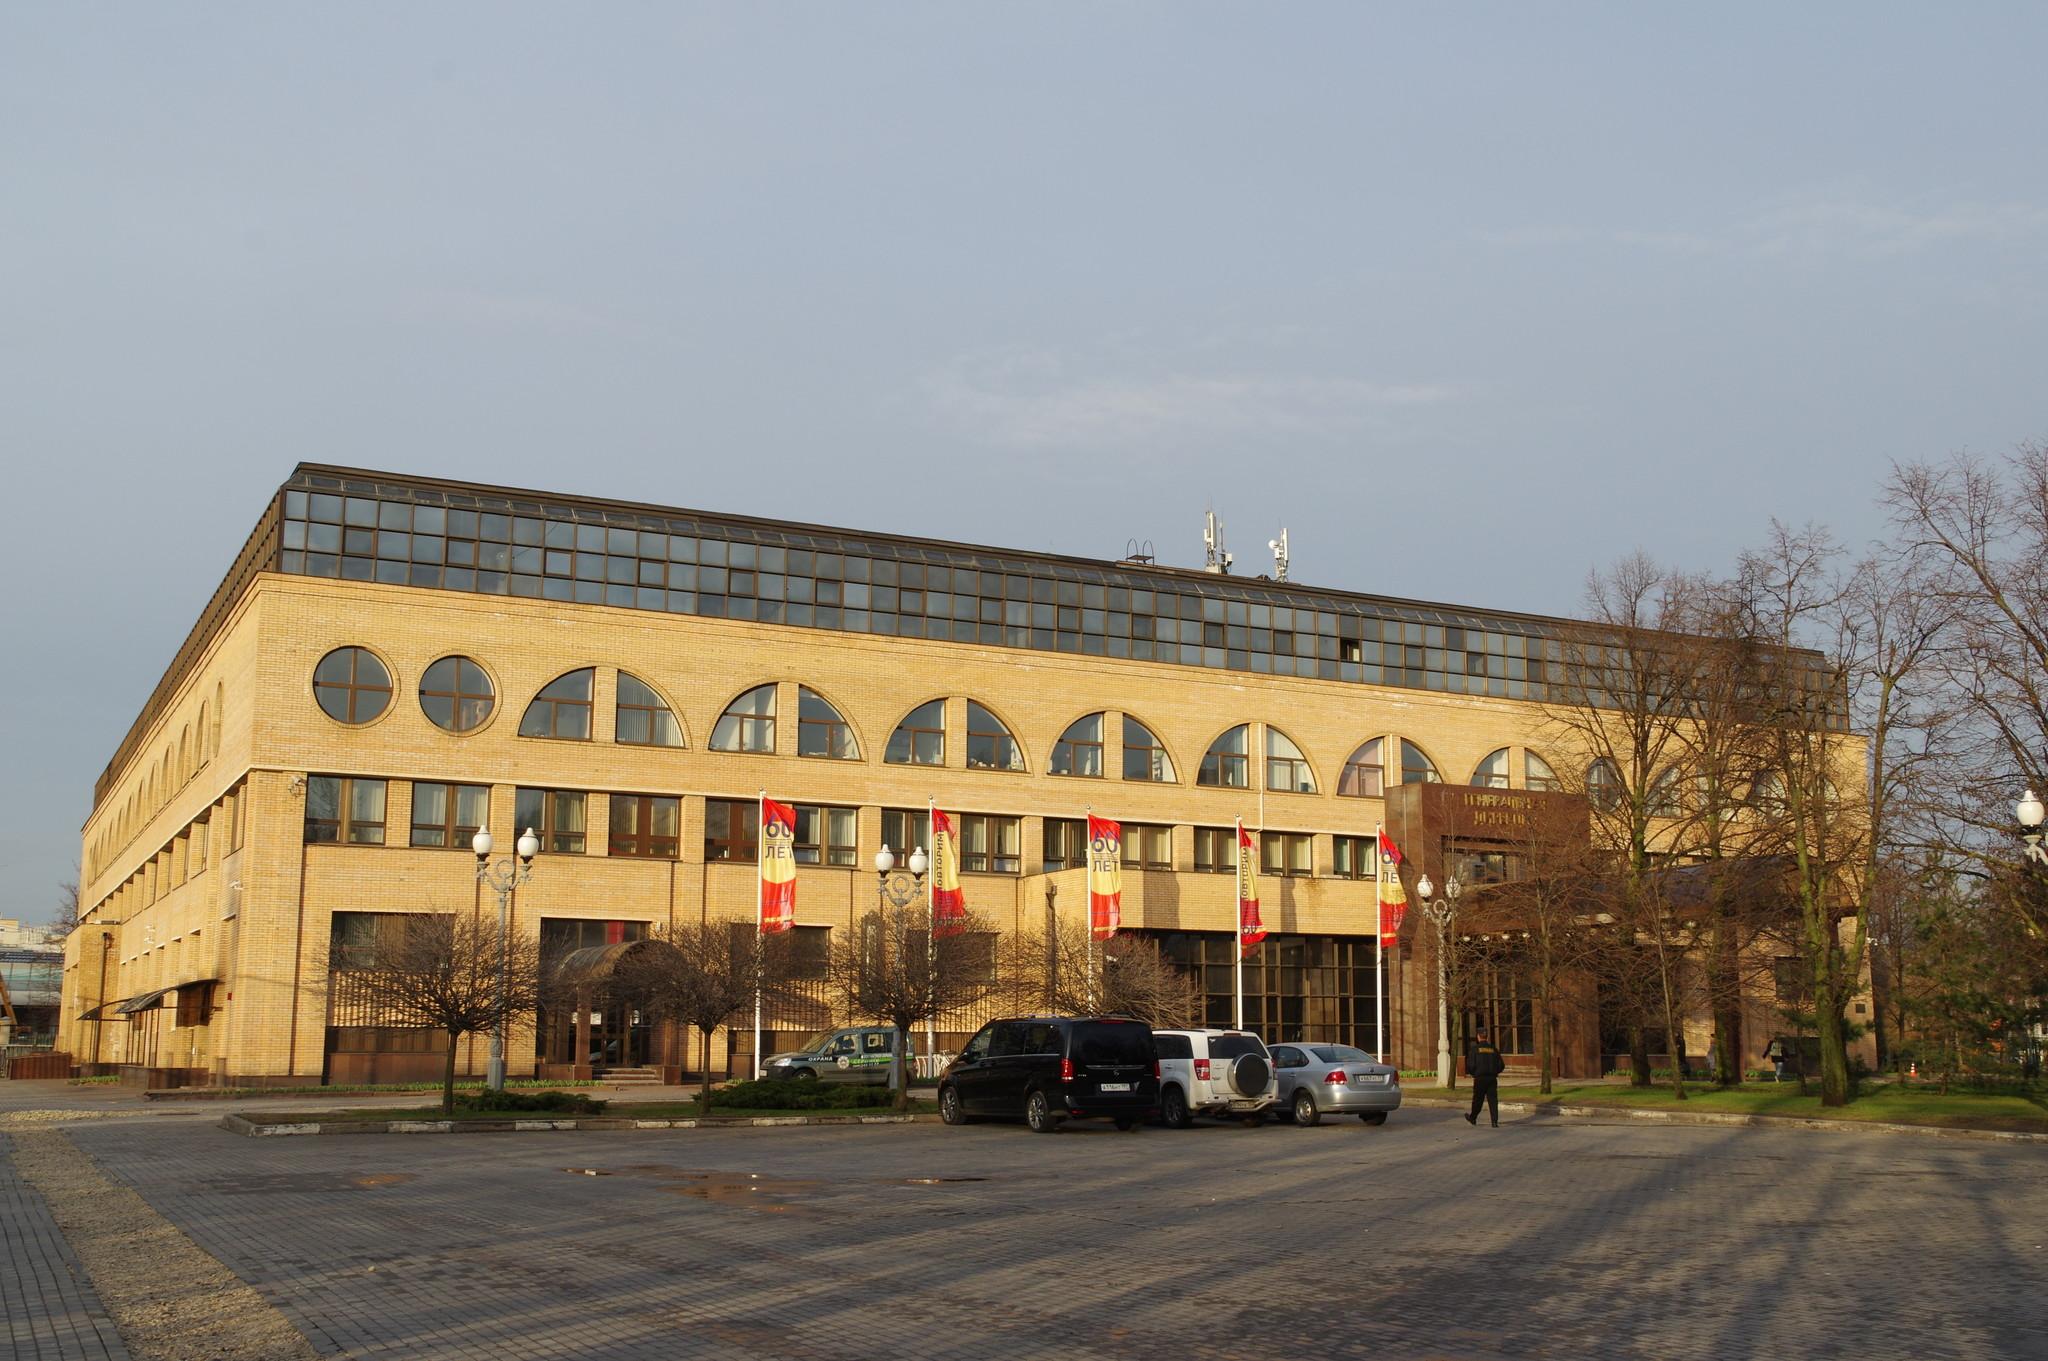 Олимпийский комплекс Лужники, генеральная дирекция (улица Лужники, дом 24, строение 9)